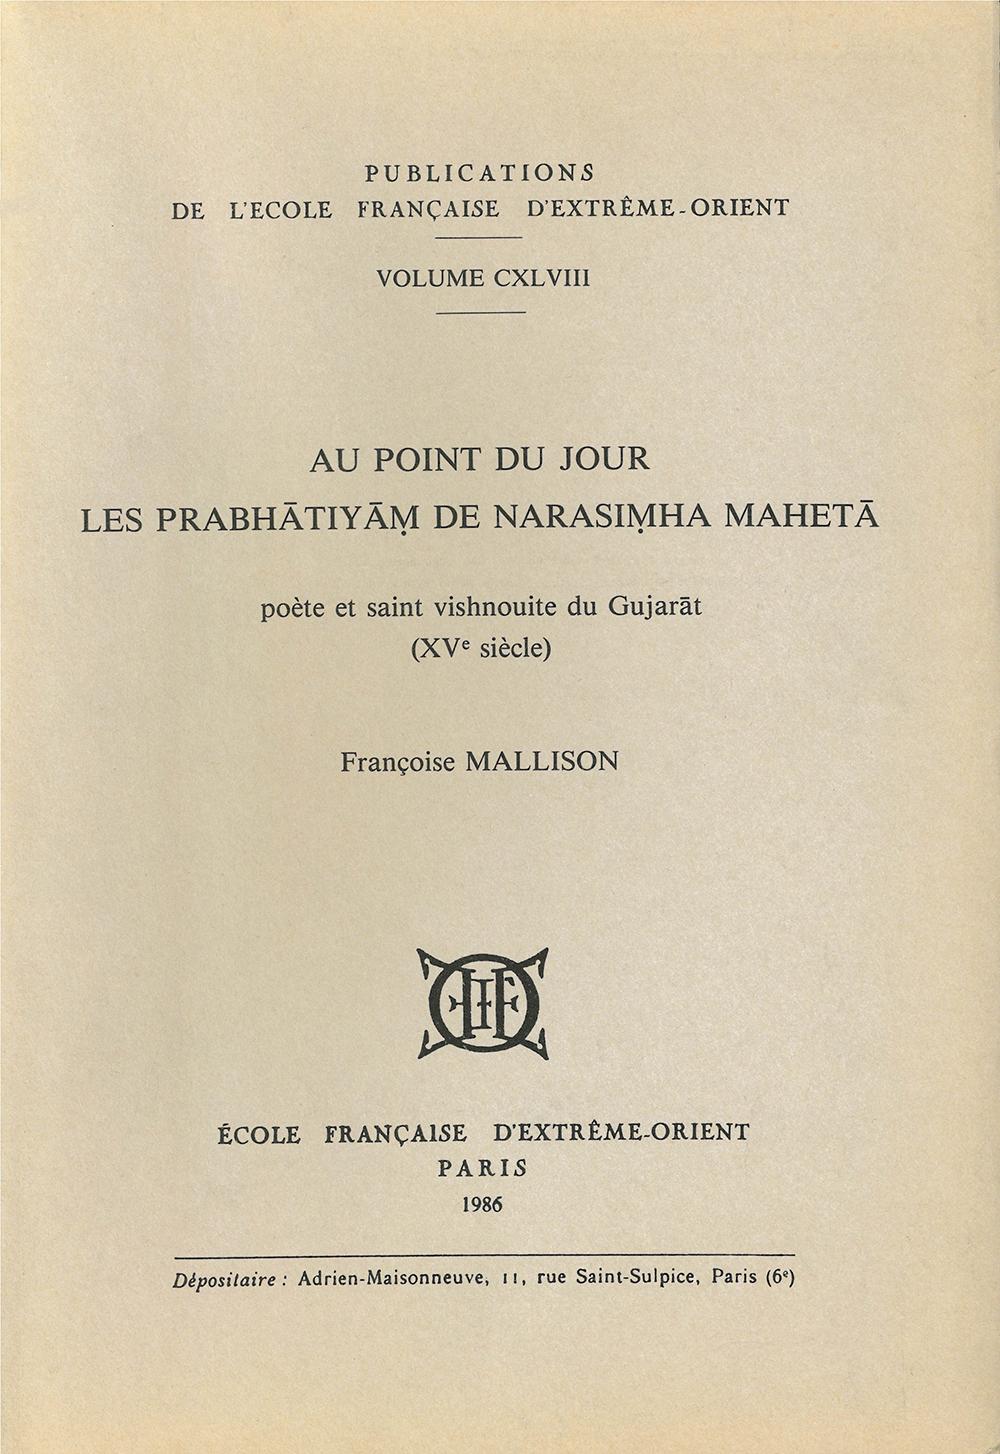 Au point du jour. Les prabhātiyāṃ de Narasiṃha Mahetā : poète et saint vishnouite du Gujarāt, XVe siècle